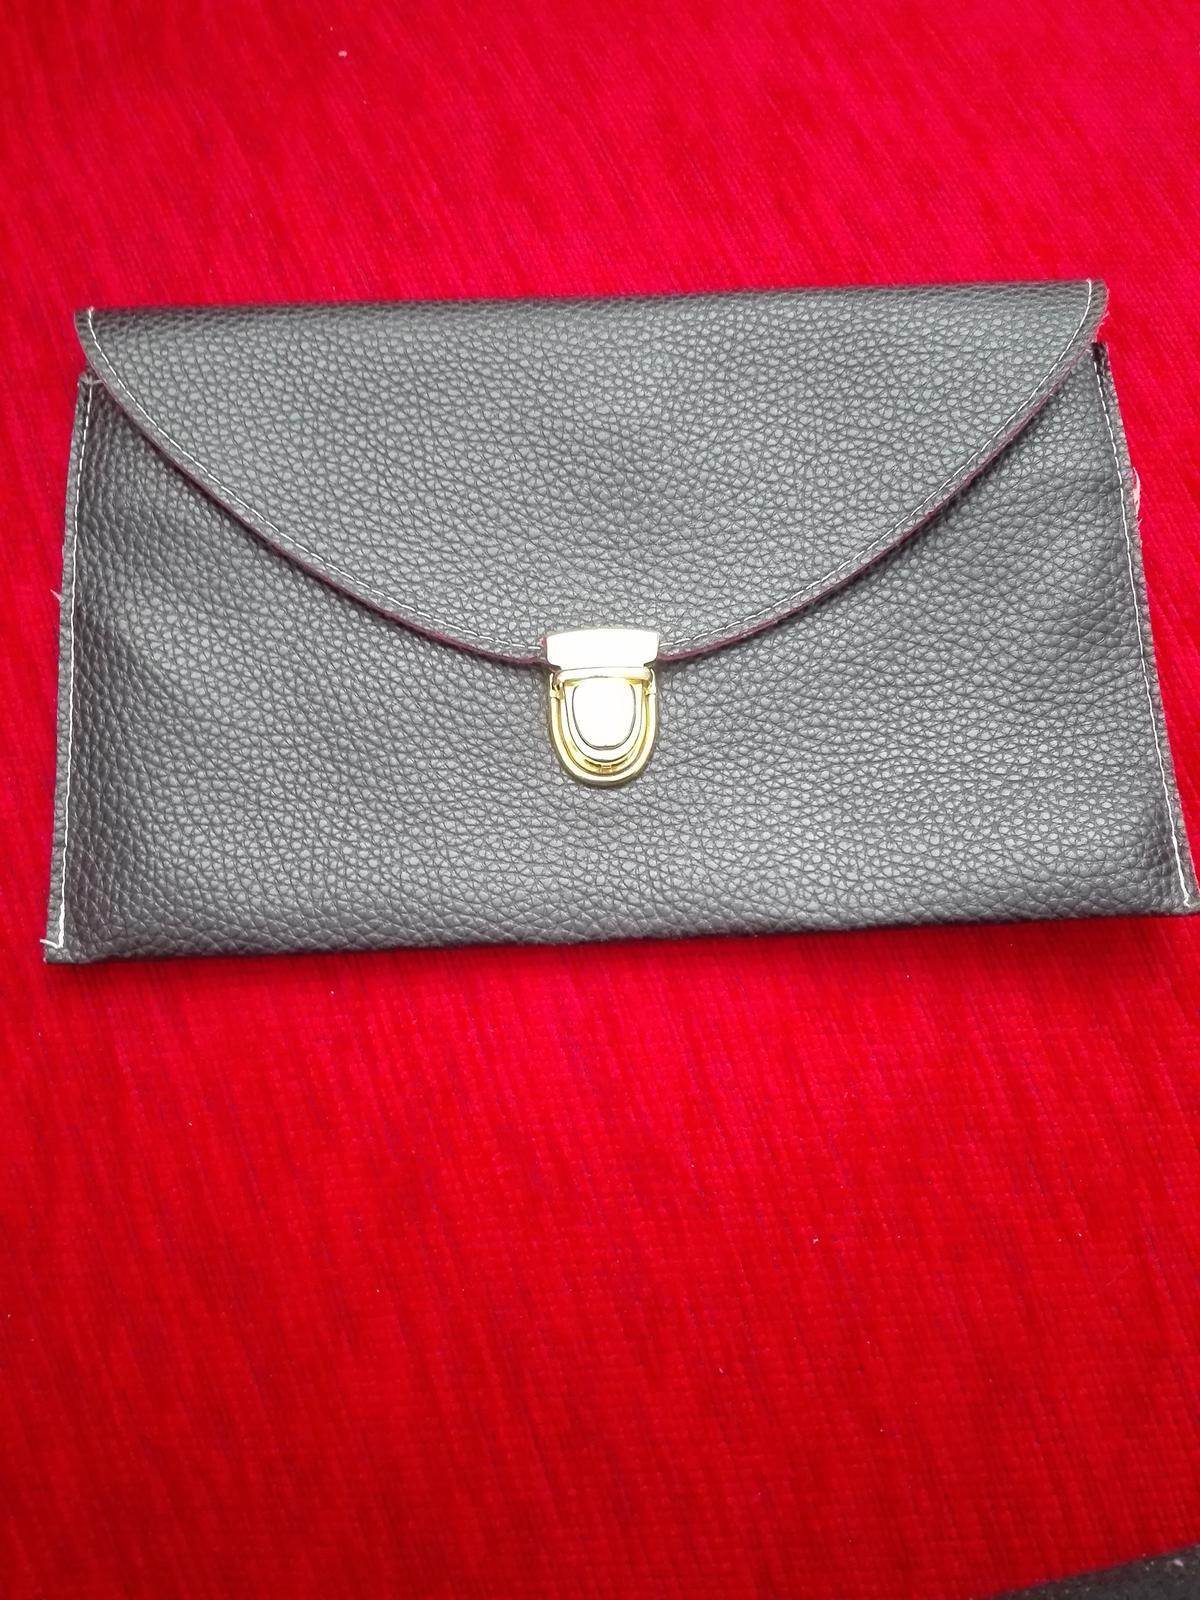 Čierna listová kabelka - Obrázok č. 1